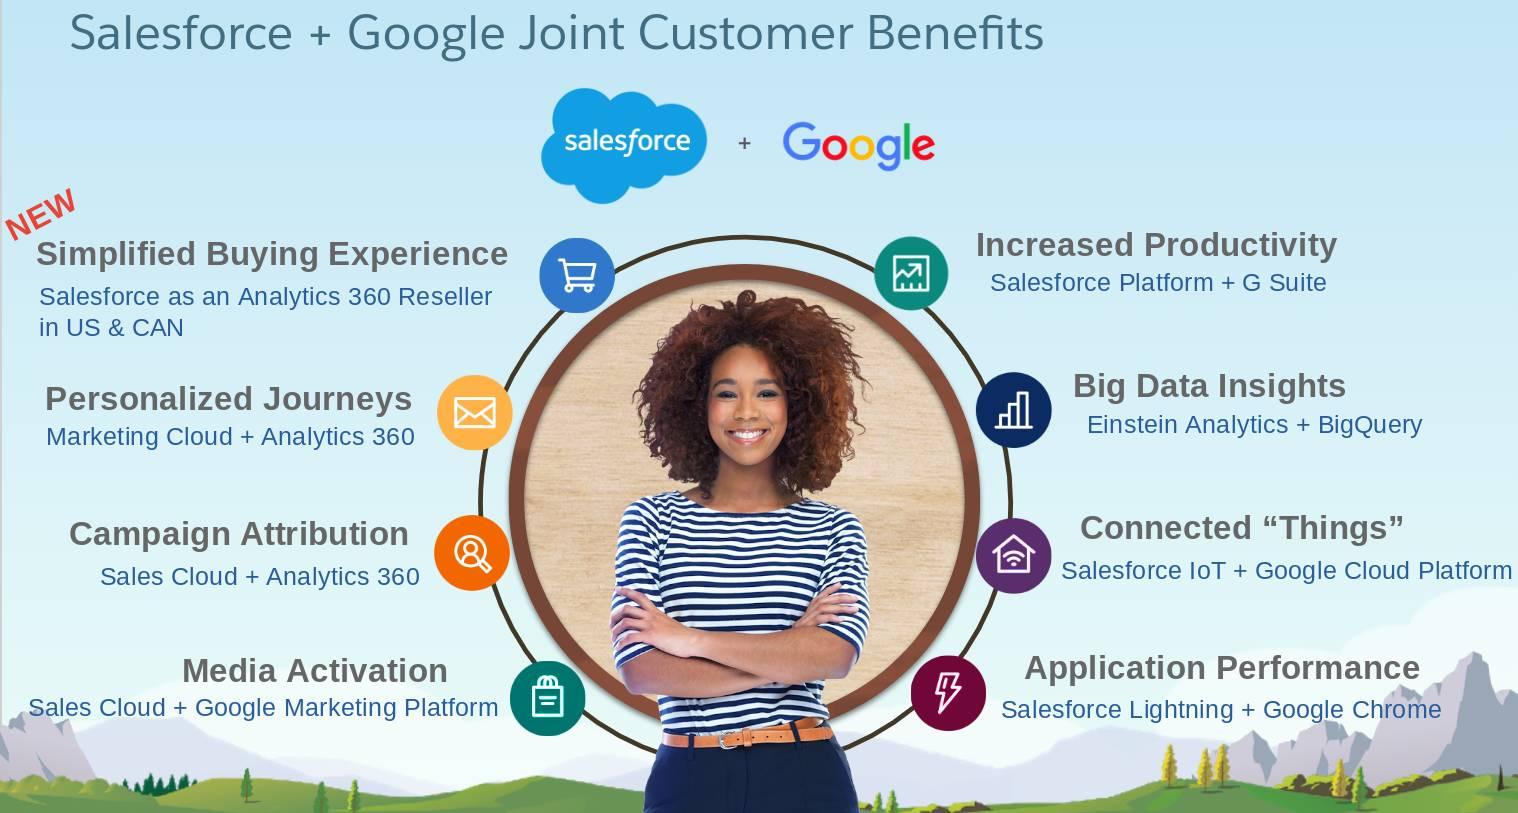 Salesforce と Google の連携がもたらすメリットには、お客様についての知識の増強、生産性の向上、ビッグデータに基づくインサイト、ネット接続された「モノ」、アプリケーションのパフォーマンス、メディアの有効化、キャンペーンアトリビューション、パーソナライズされたジャーニー、簡便な購入体験が挙げられます。